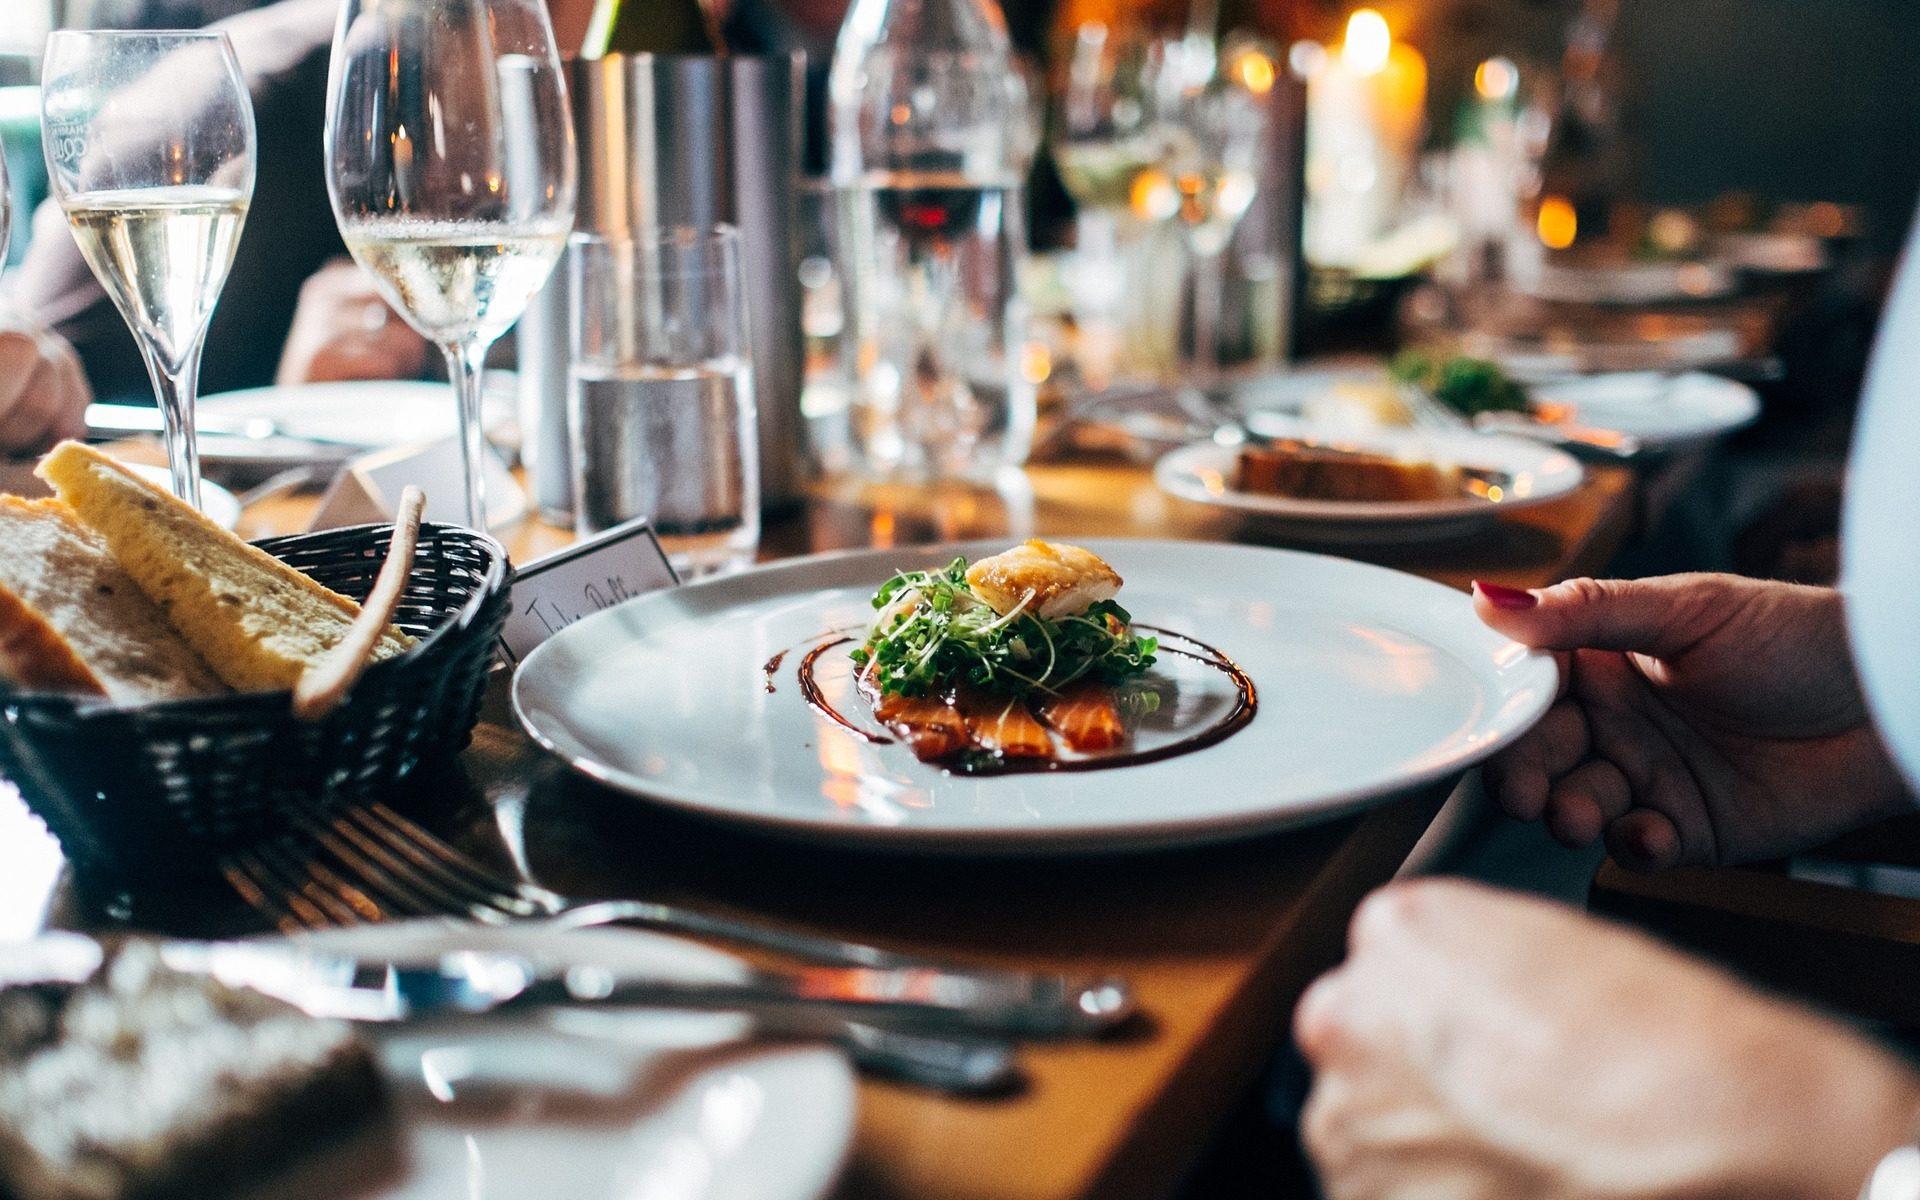 restaurant dinner salmon 1920x1200 - Eat in Mecklenburg-Vorpommern: Einige Restaurant-Tipps vom Berliner Tagesspiegel